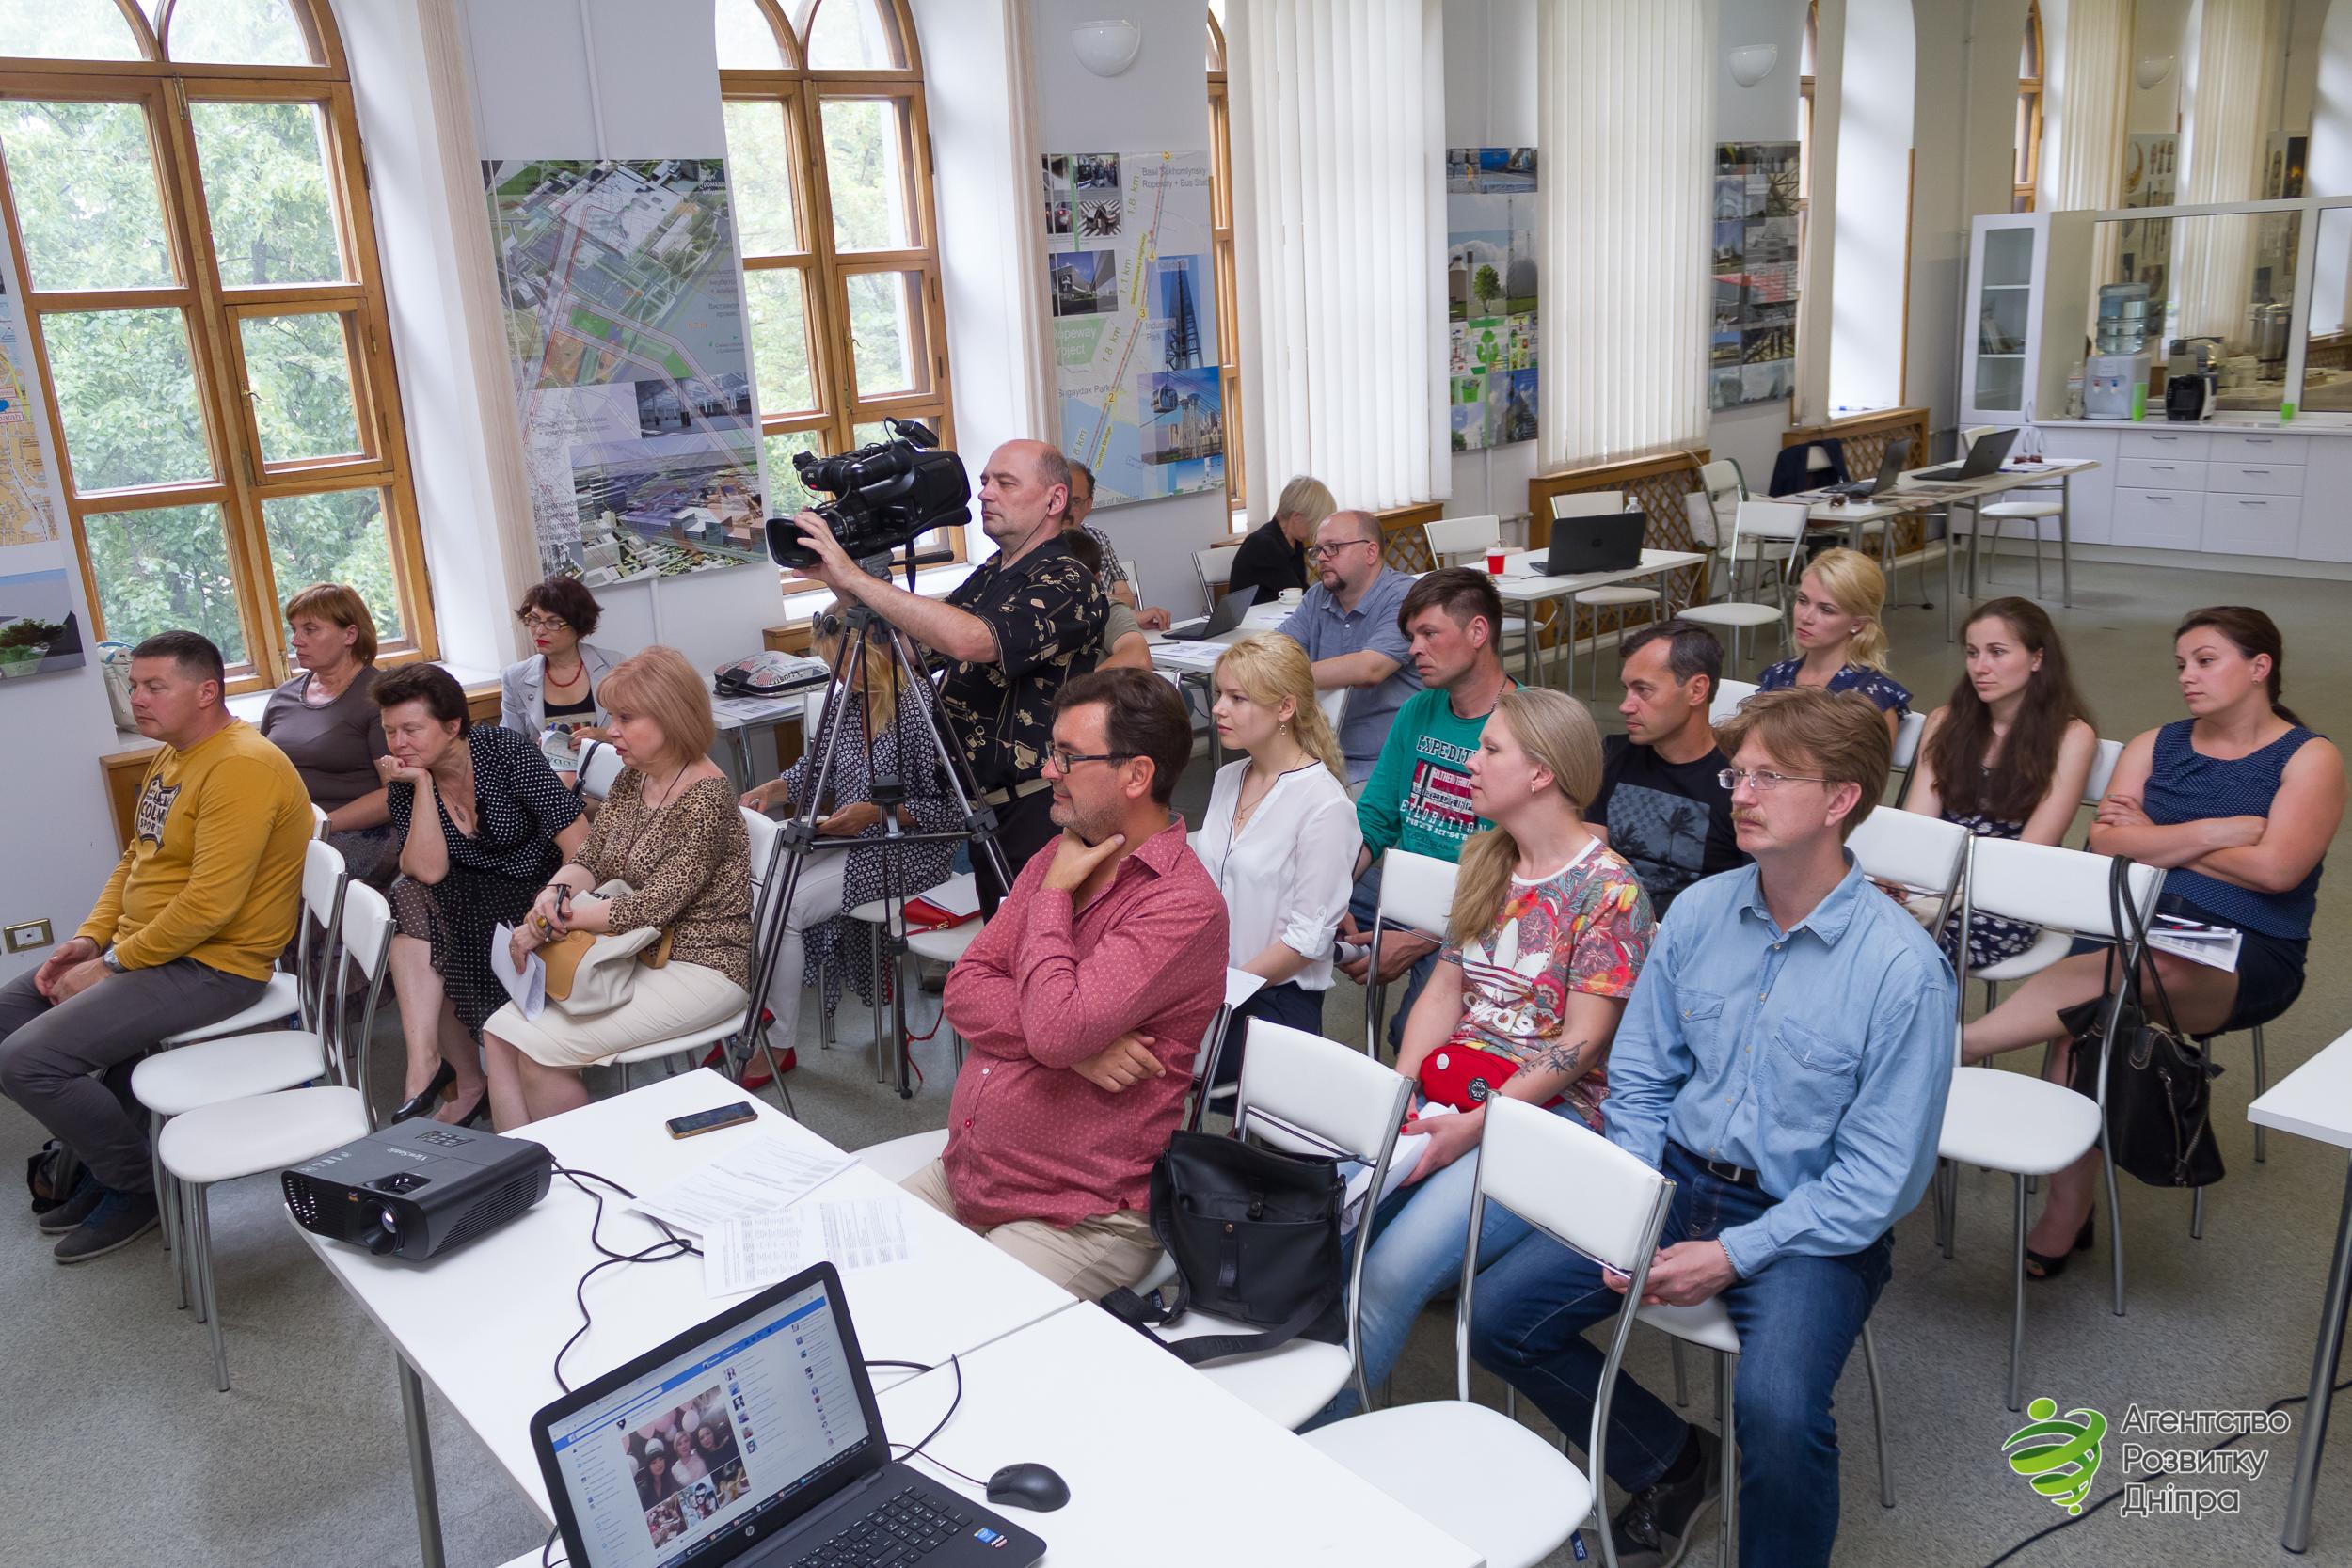 На базі комунікаційної платформи «Агентства розвитку Дніпра» пройшов брейн-шторм «Туризм у м. Дніпро: обговорення драфту стратегії та взаємодія учасників ринку»